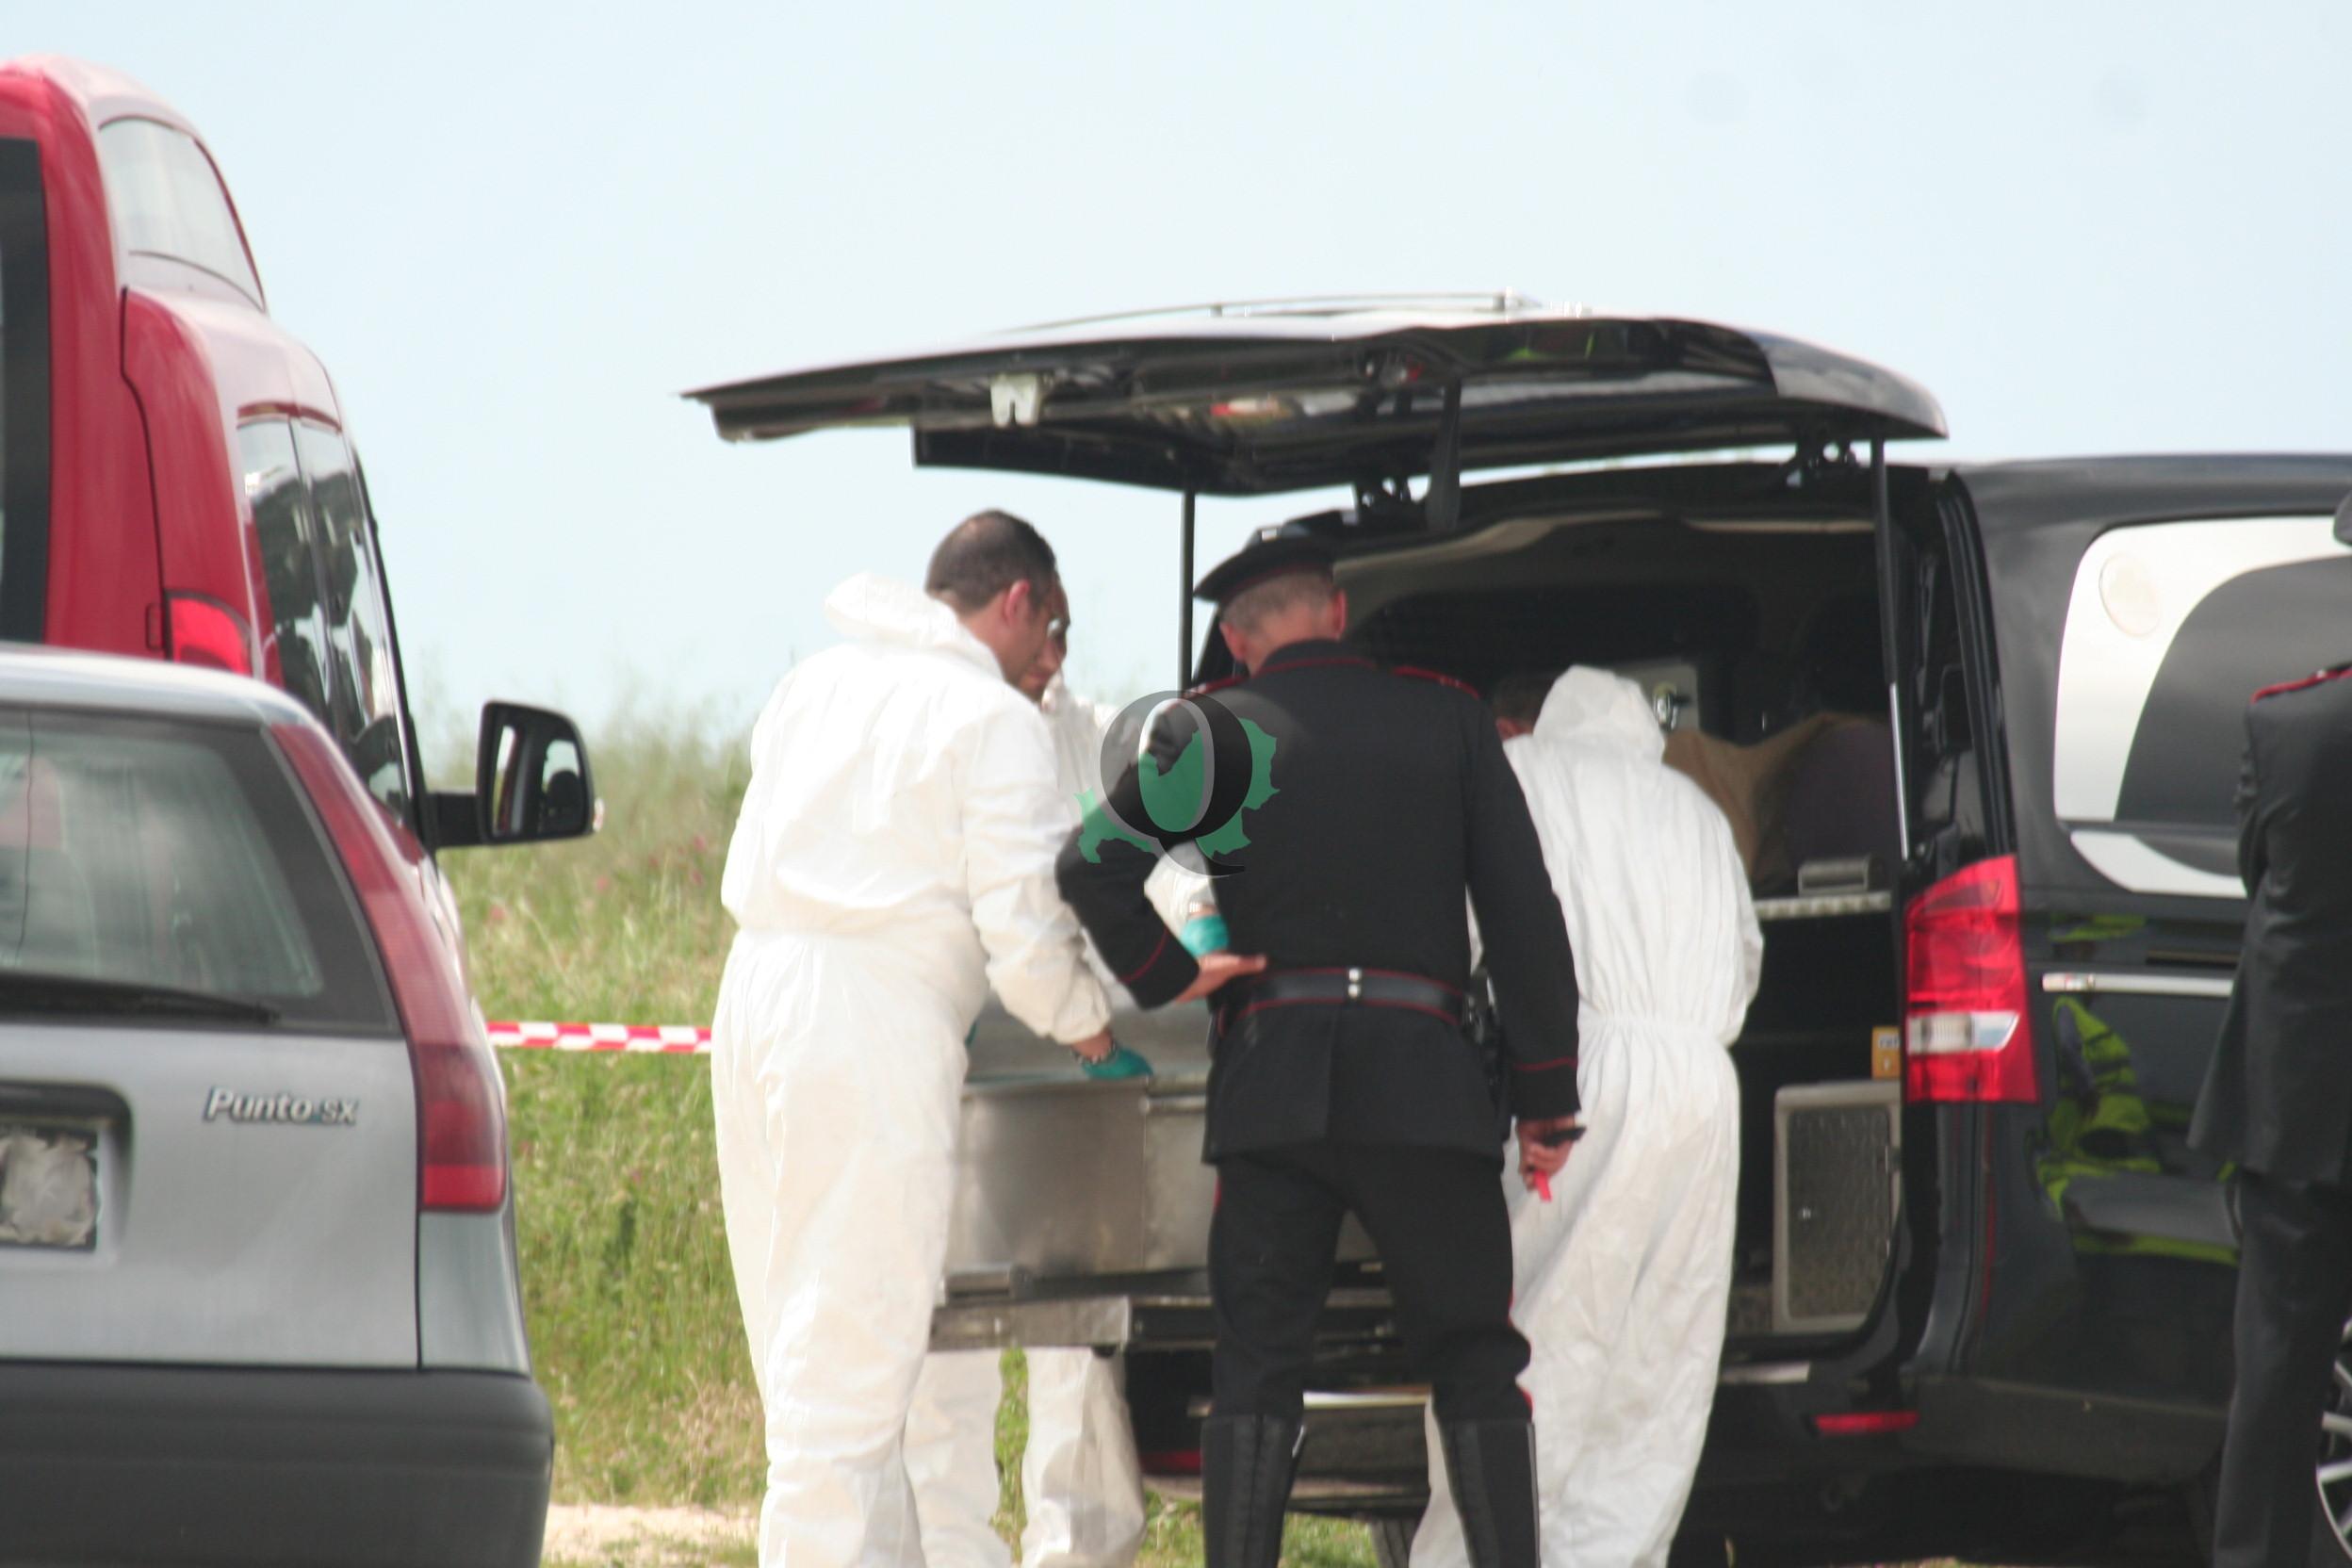 Tragedia nelle campagne tra Campobasso e Ripalimosani, rinvenuto corpo semi carbonizzato